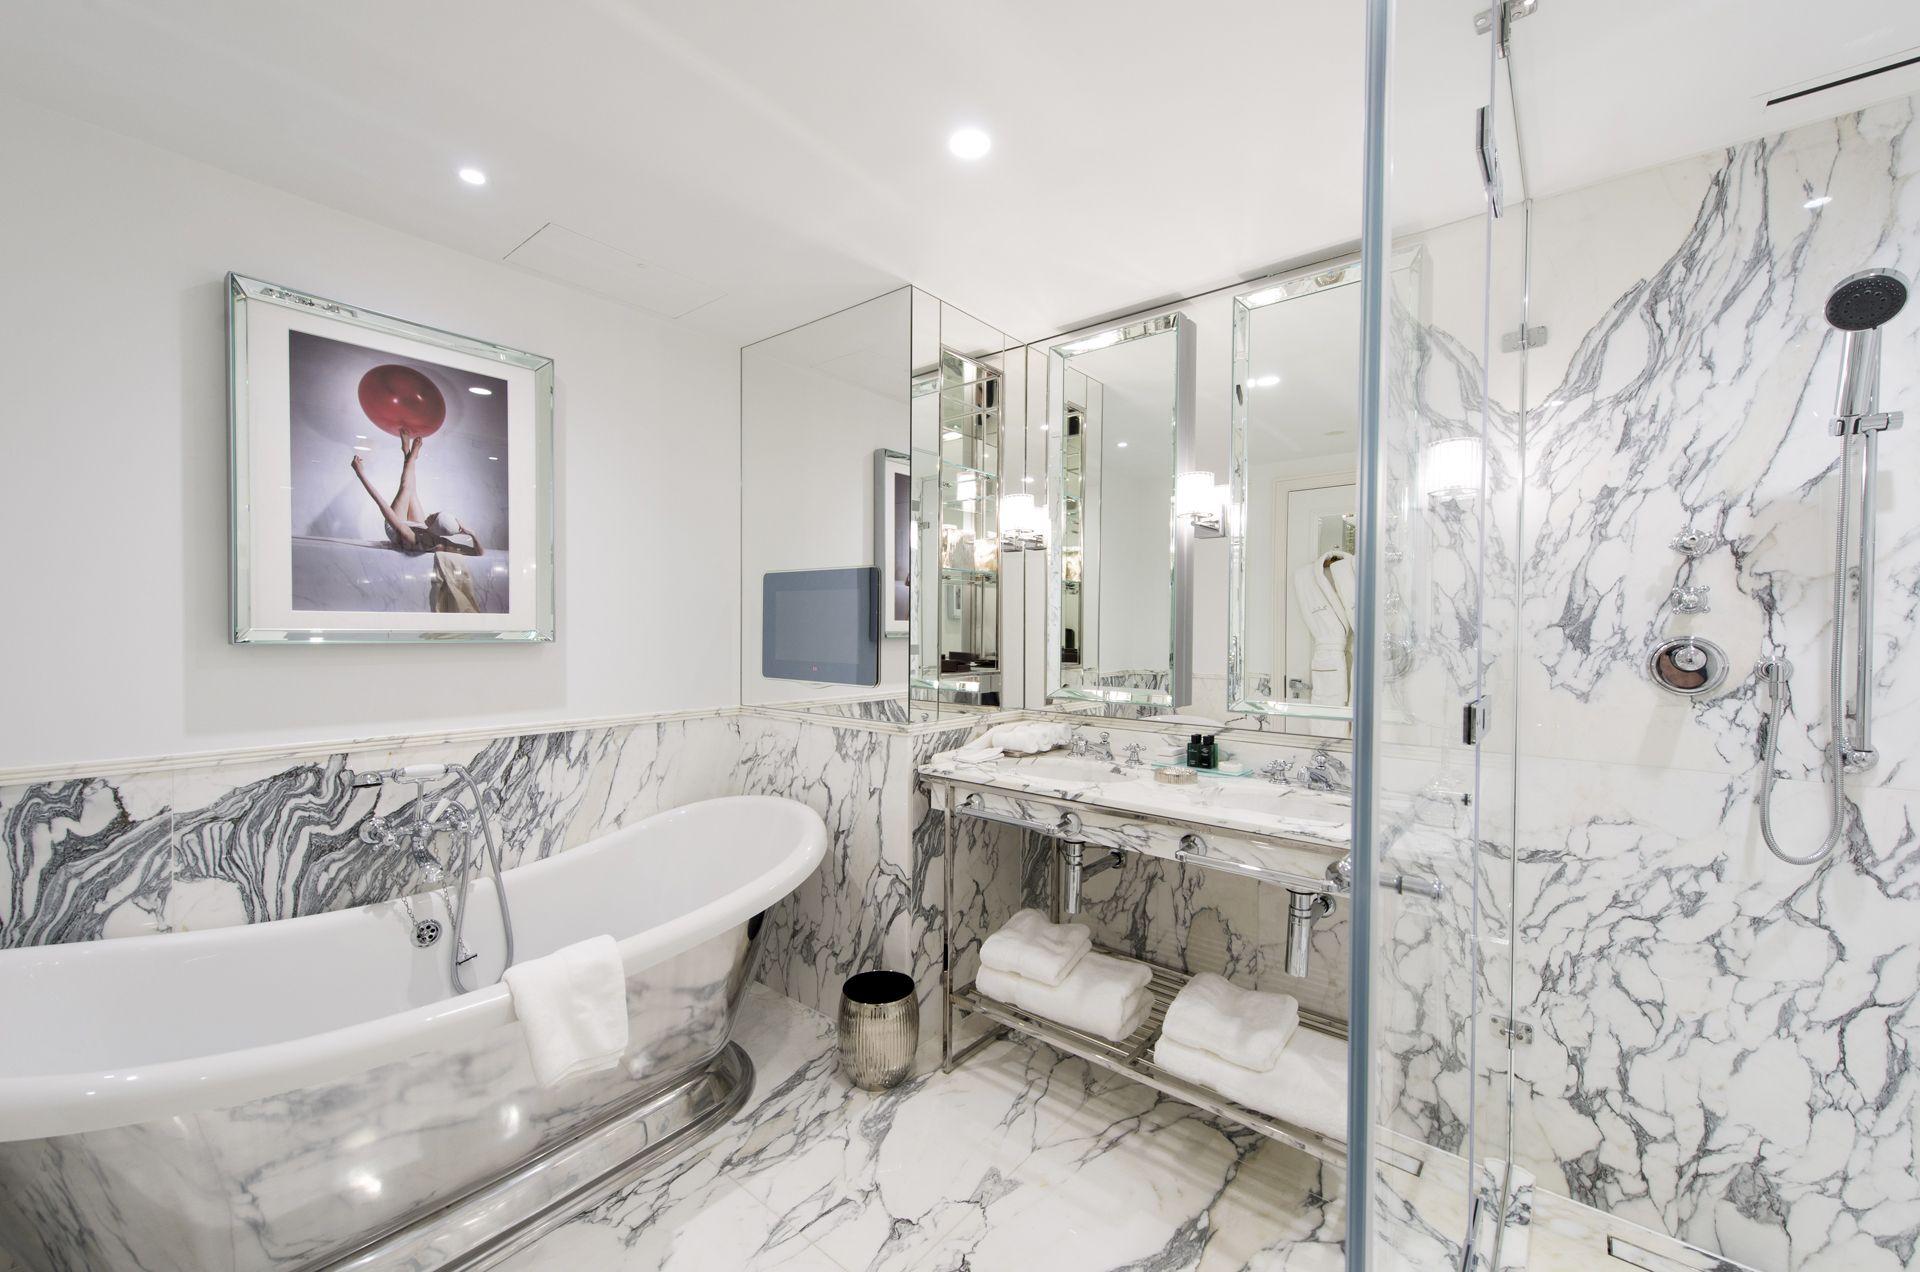 One Bedroom Suite Bathroom at The Wellesley Hotel in